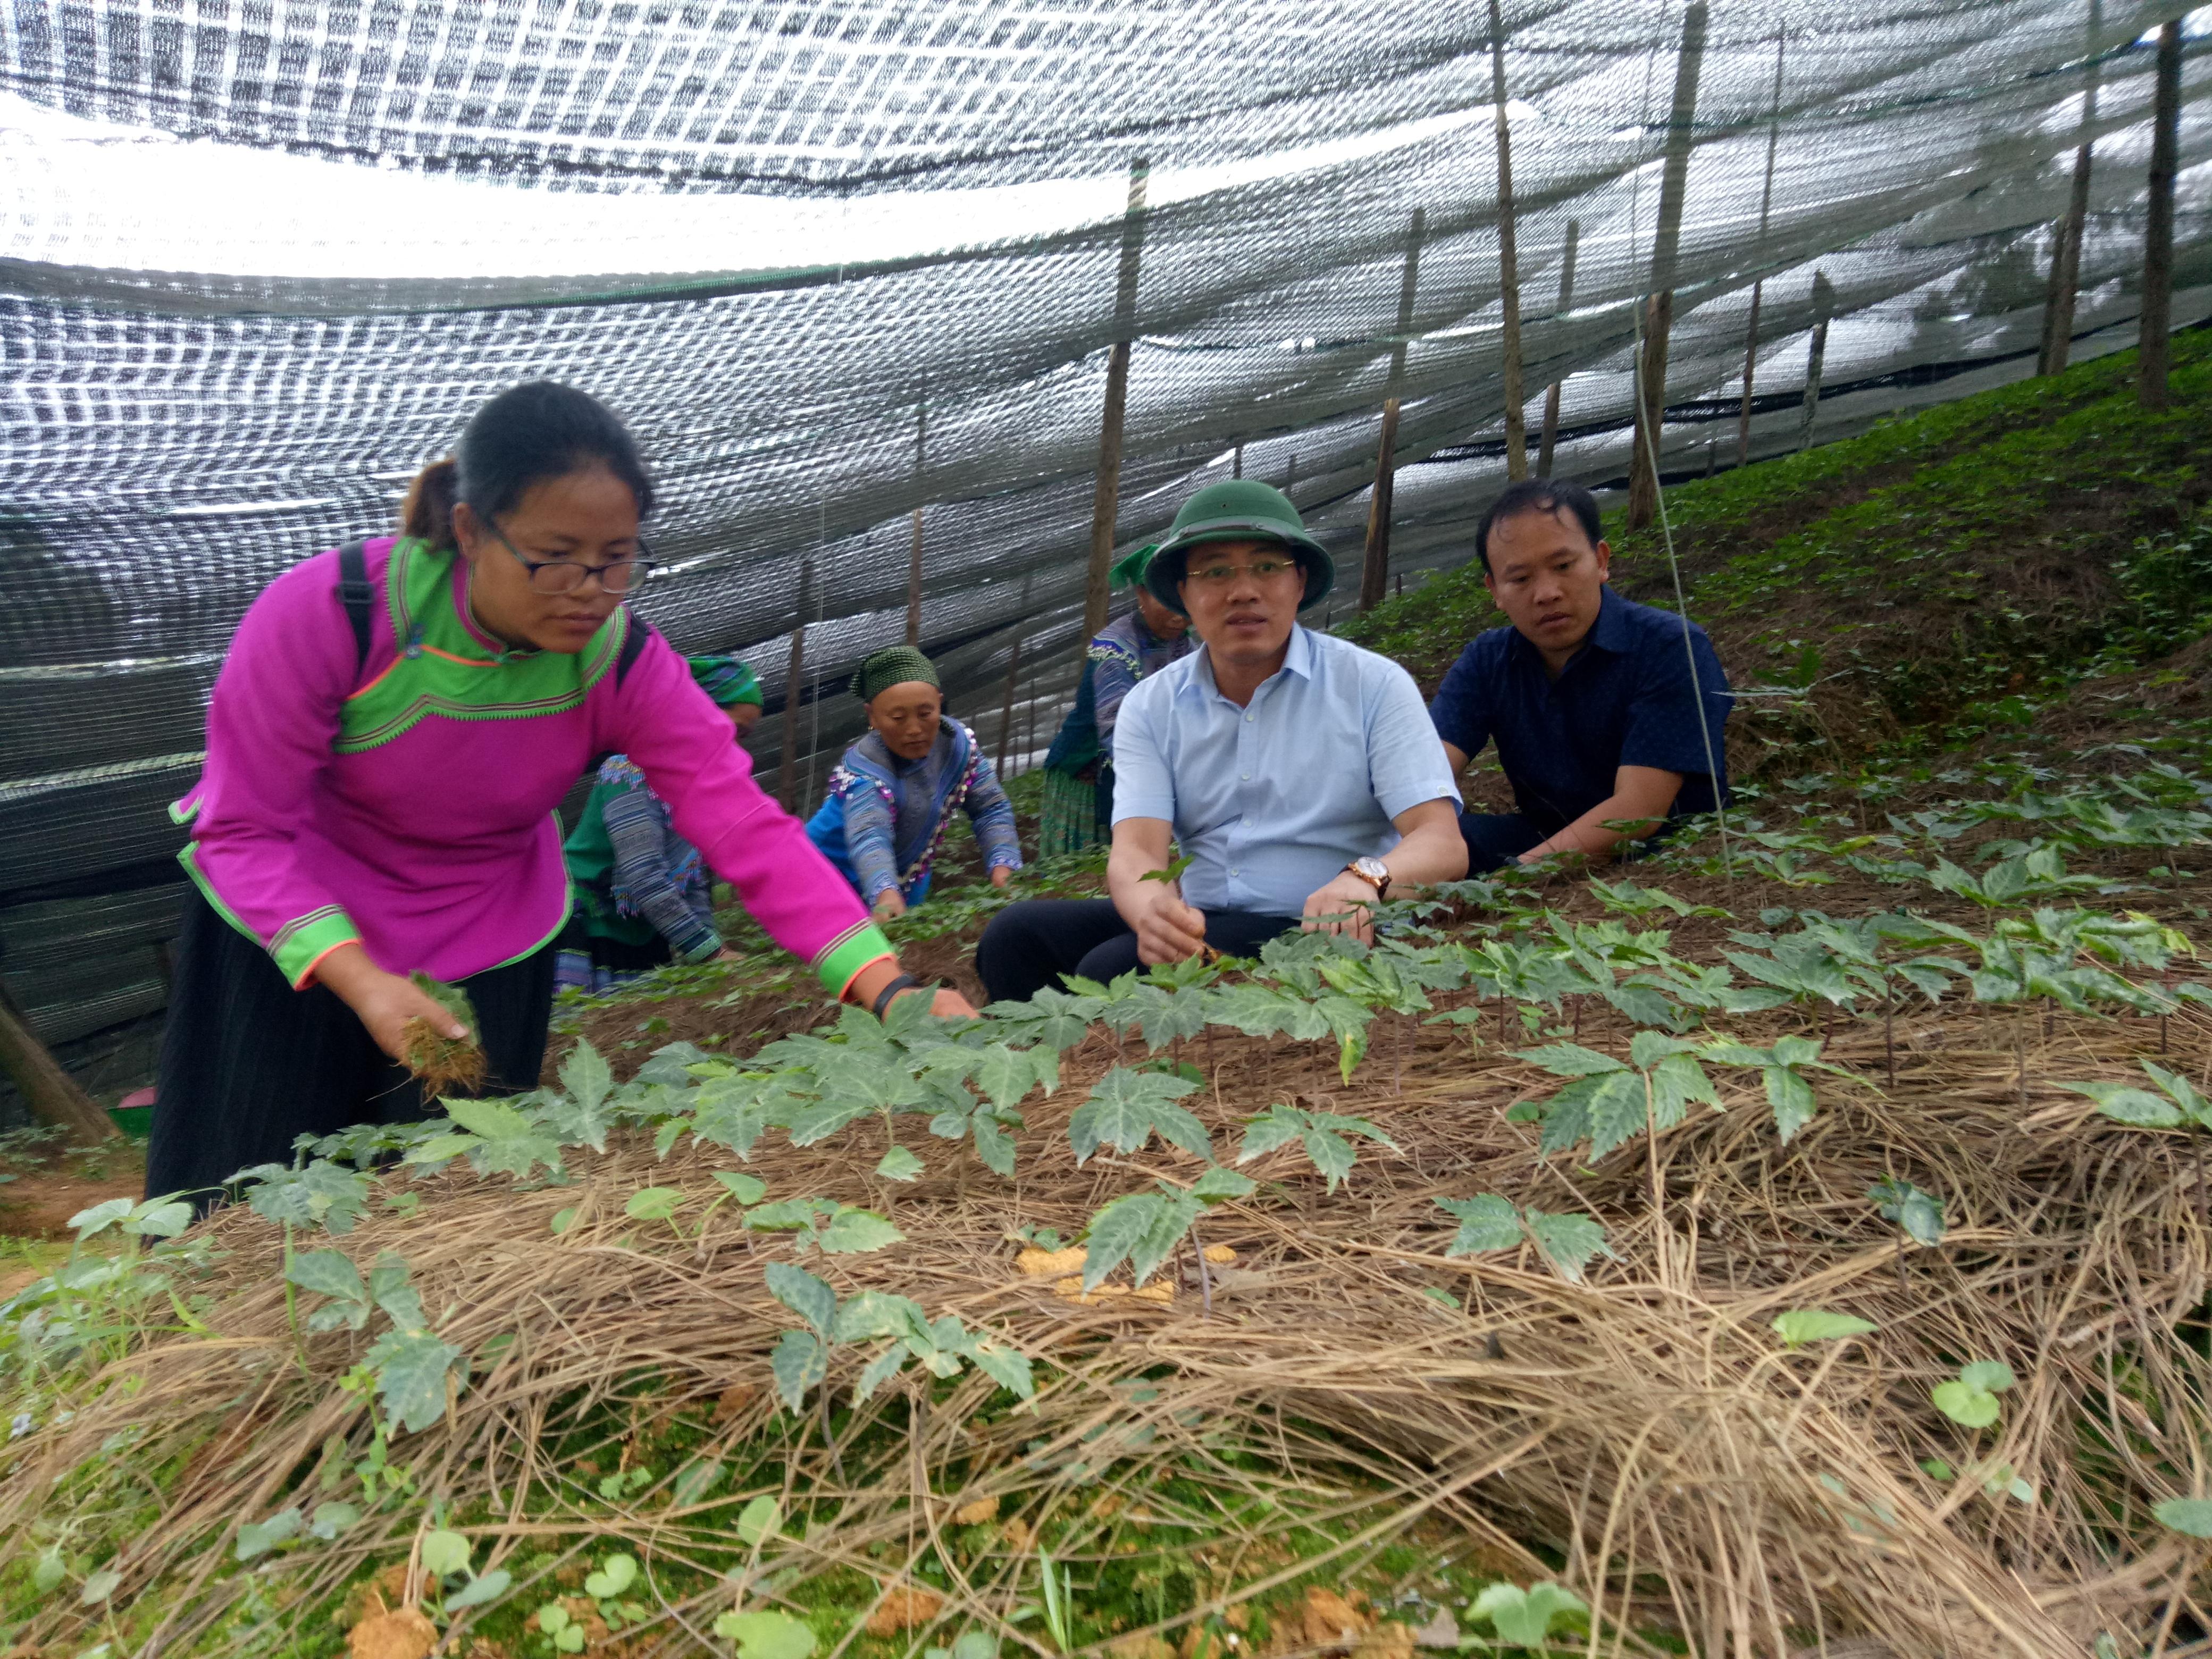 Cây tam thất nếu được trồng và chăm sóc đúng kỹ thuật mỗi héc ta có thể cho thu hoạch trên 1 tỷ đồng